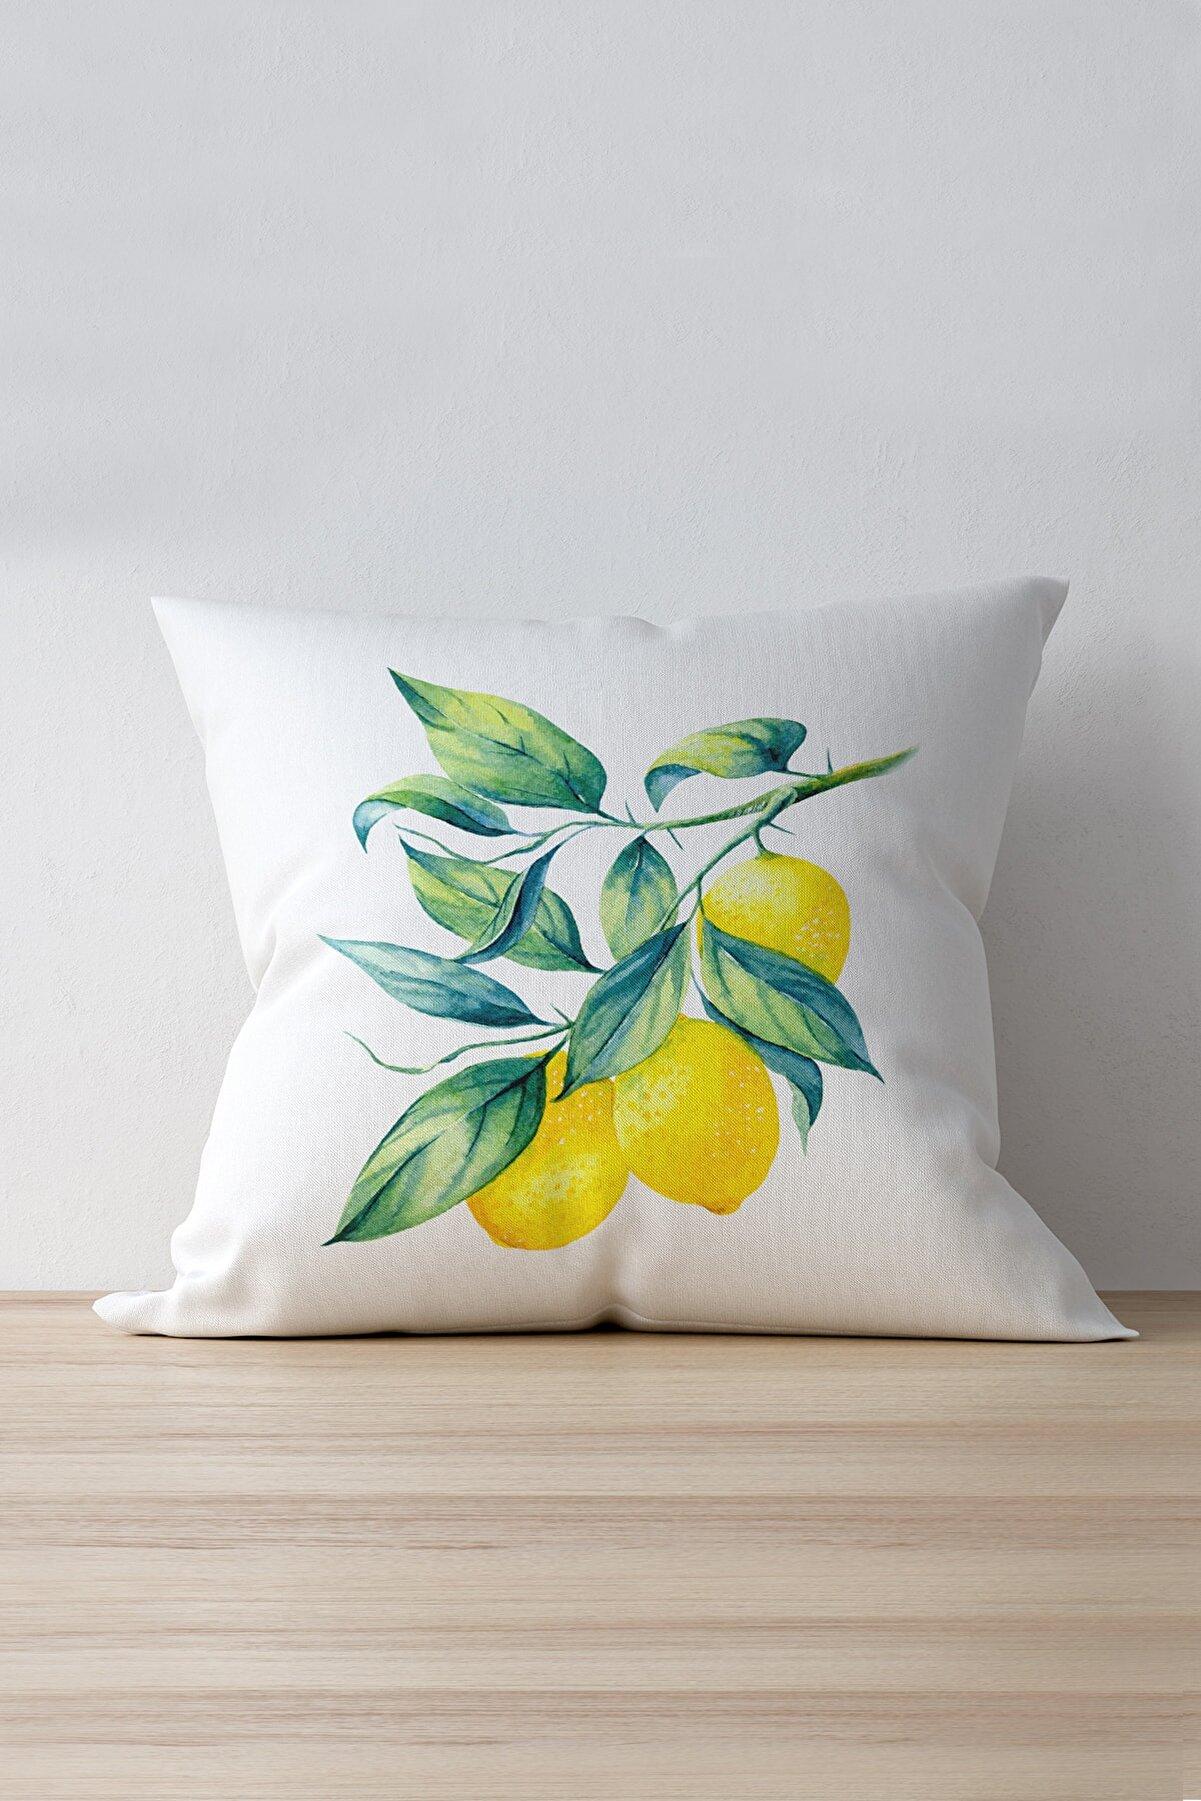 Cango Home Beyaz Sarı Limon Desenli Dijital Baskılı Kırlent Kılıfı - Oytyk894